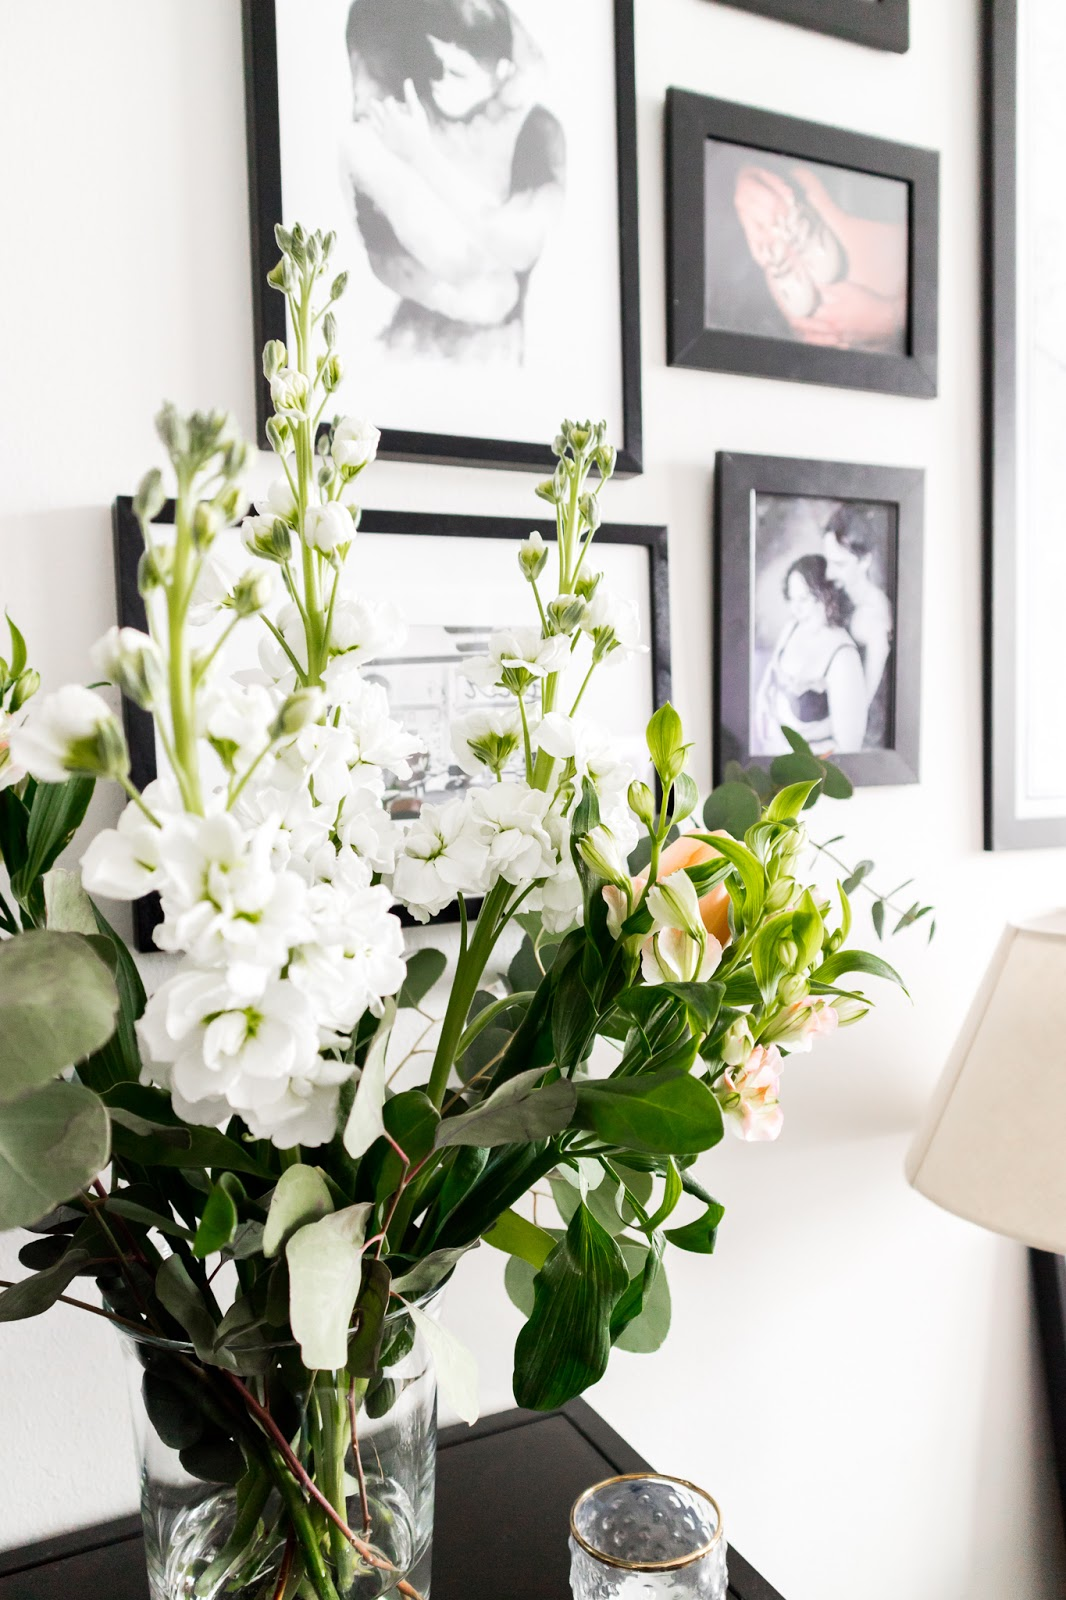 lapsiperheen arki, kuulumisia, kukkia, kevät,